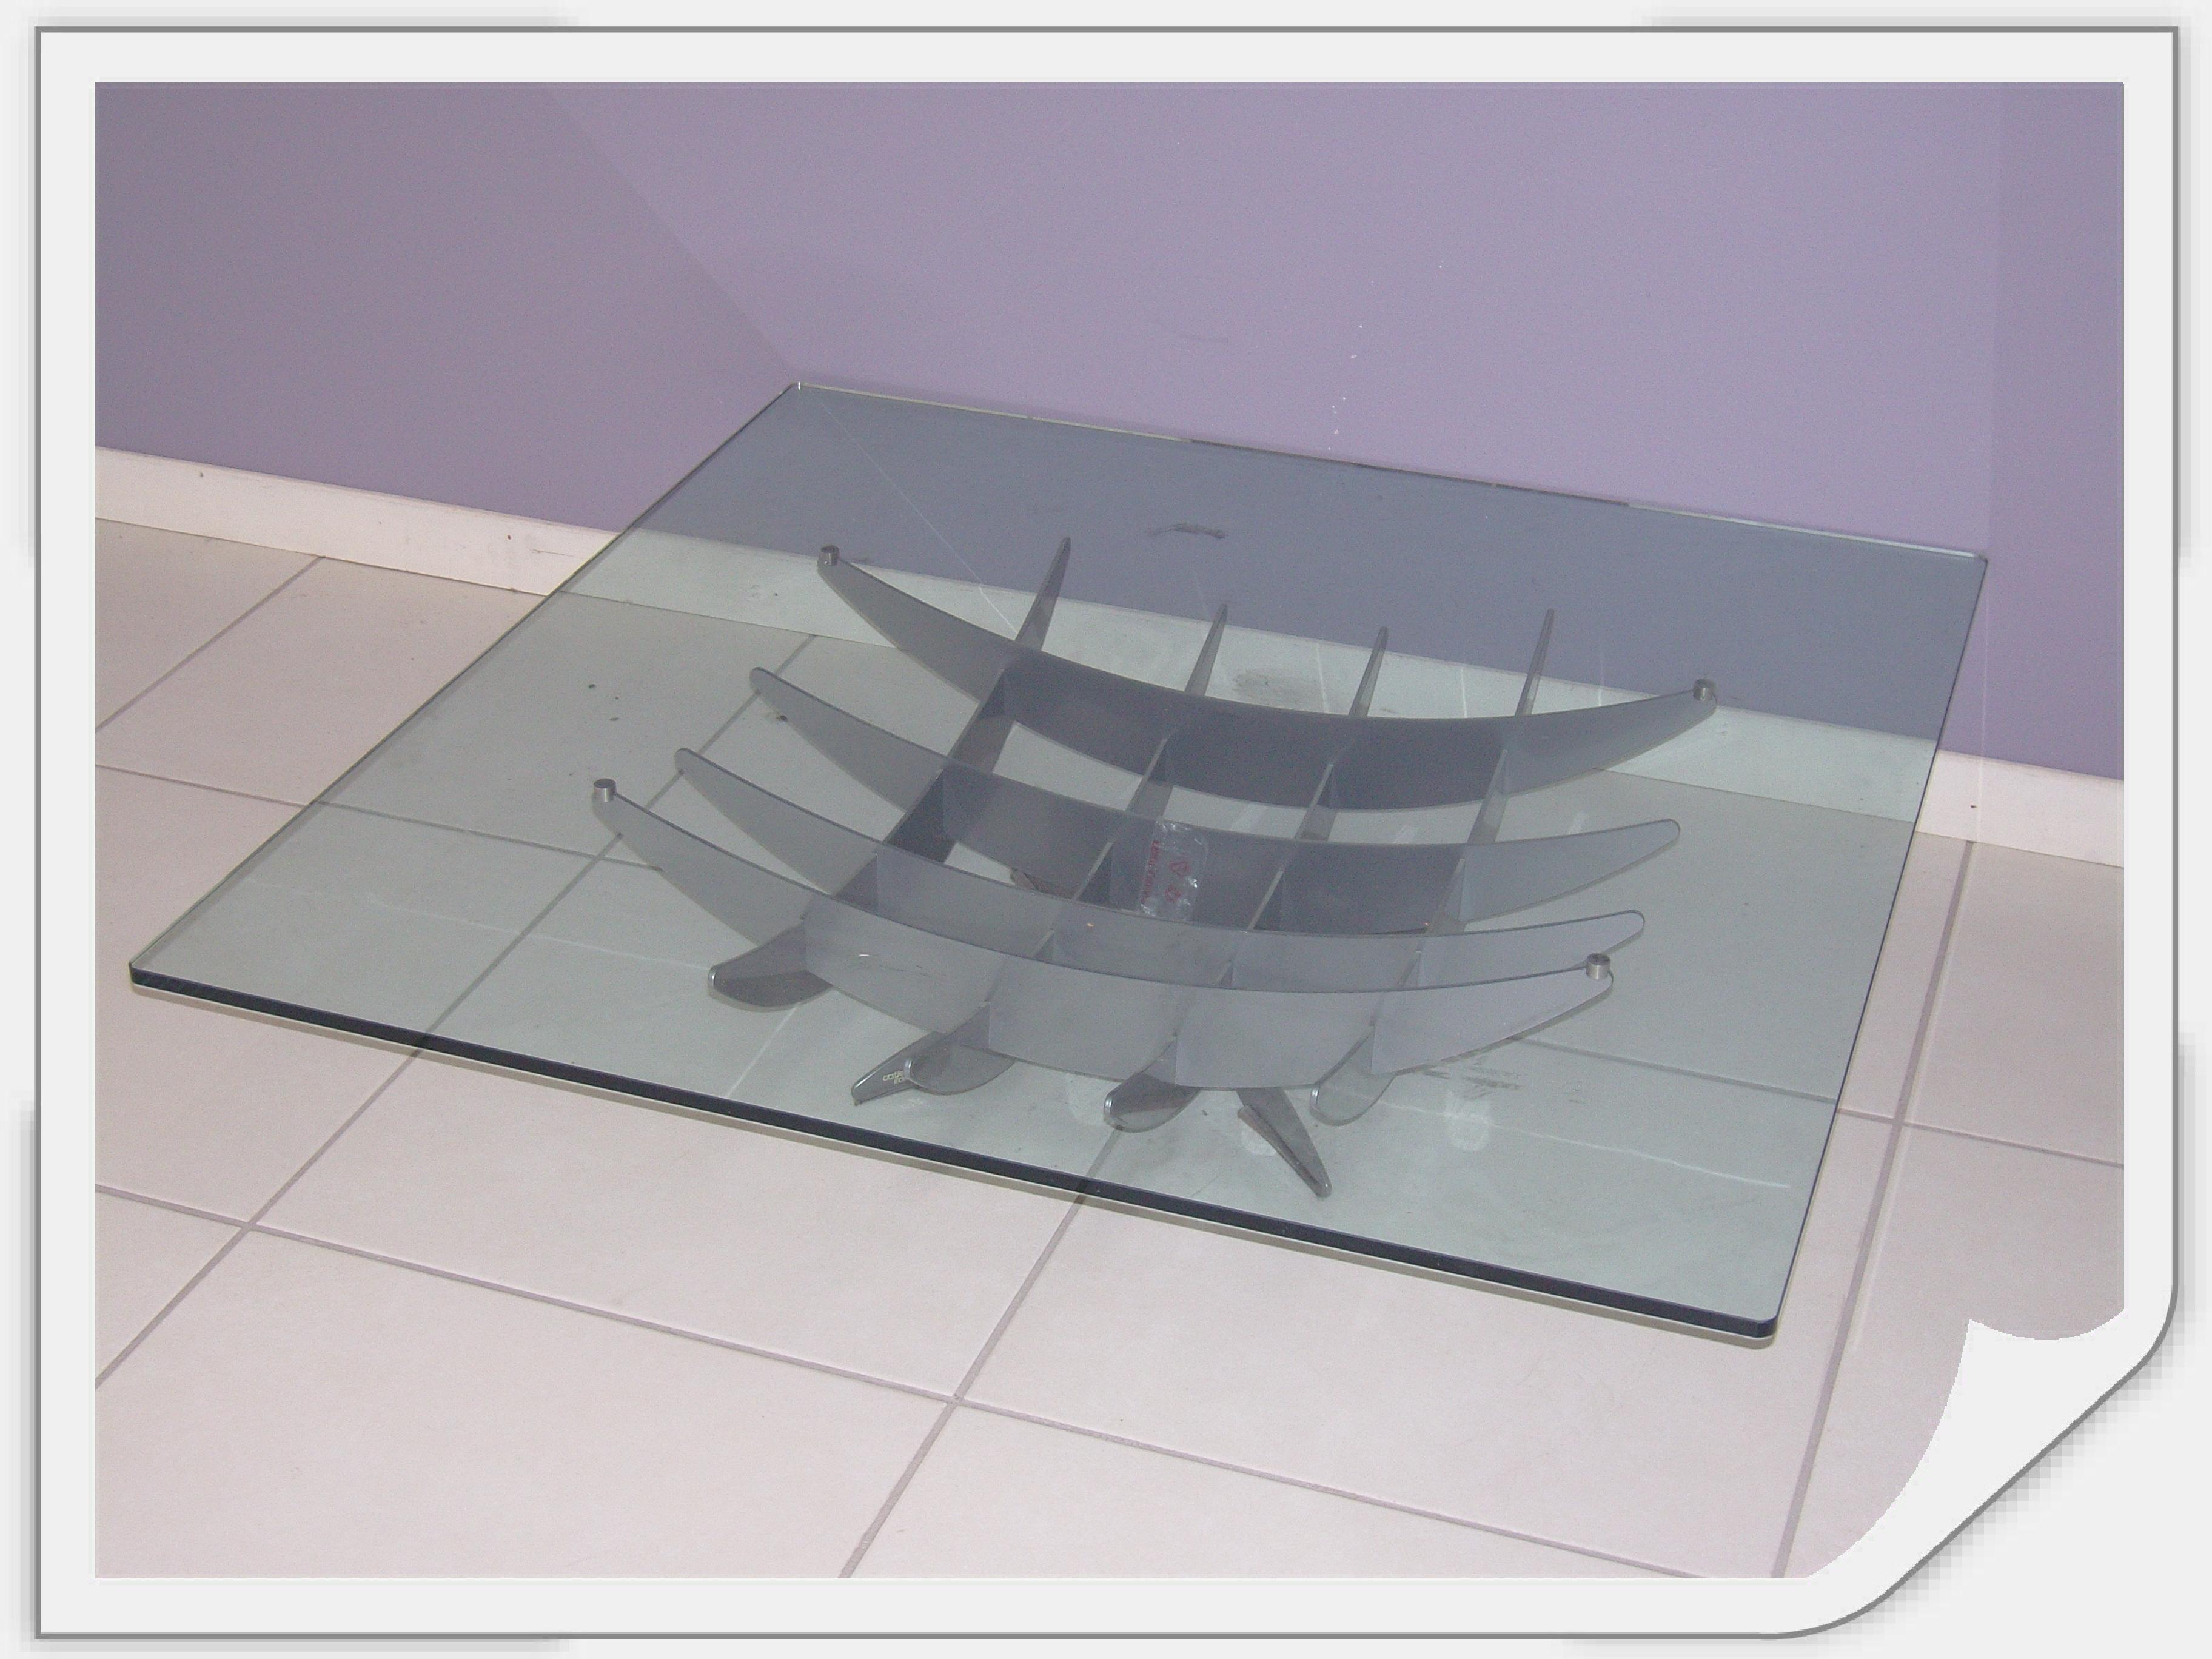 Tavolino da salotto in legno bianco : tavolino da salotto con ...